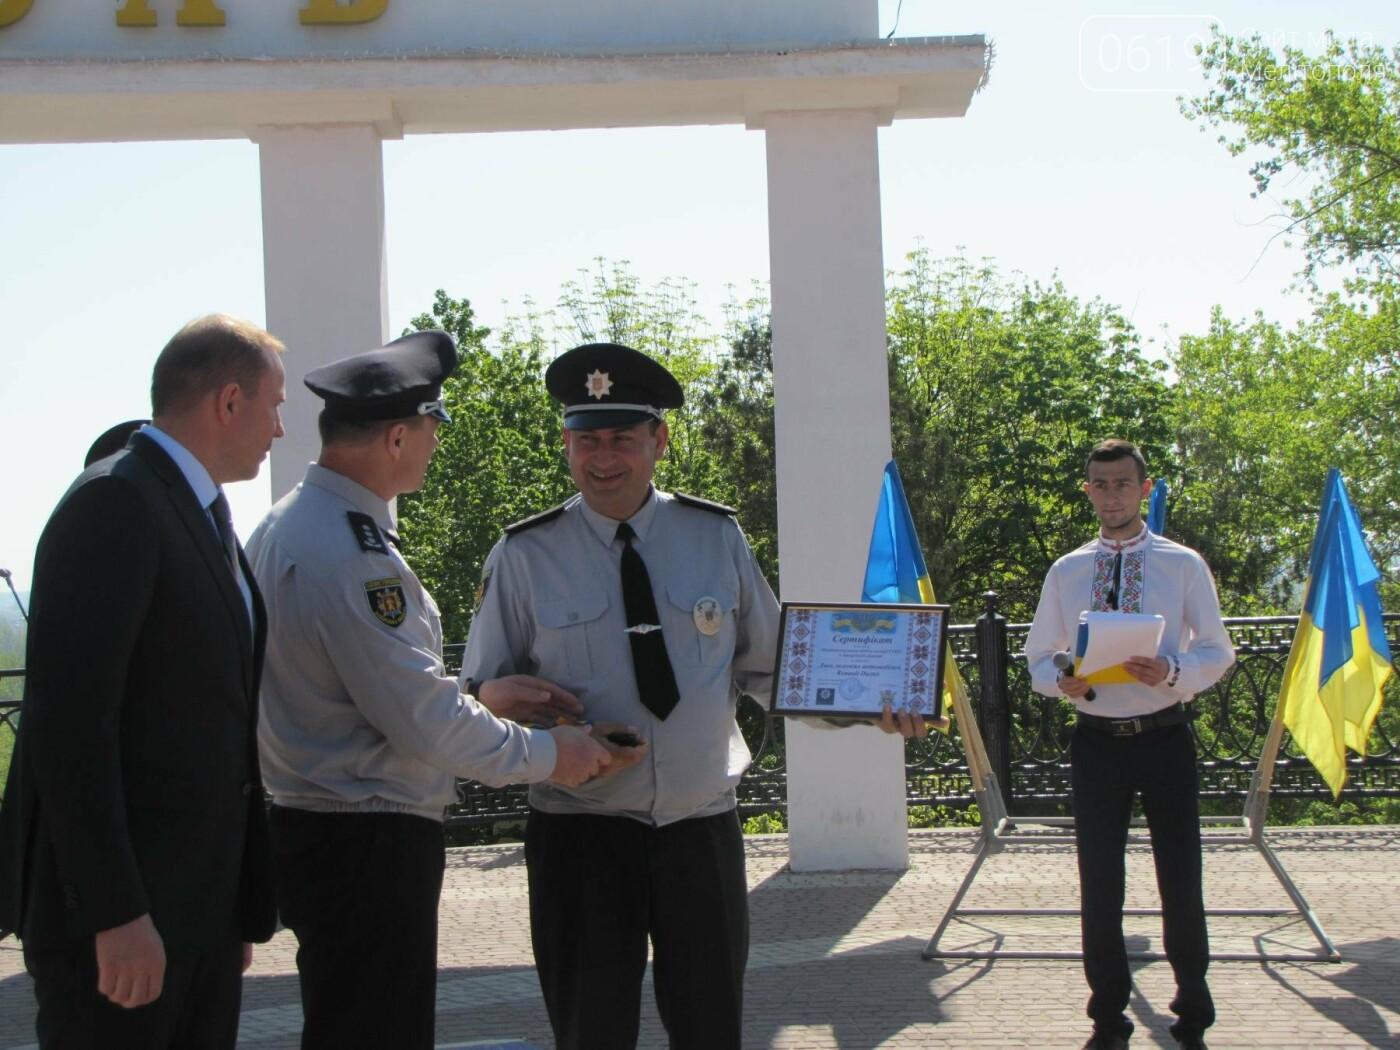 Мелитопольской полиции торжественно вручили новые служебные автомобили, фото-5